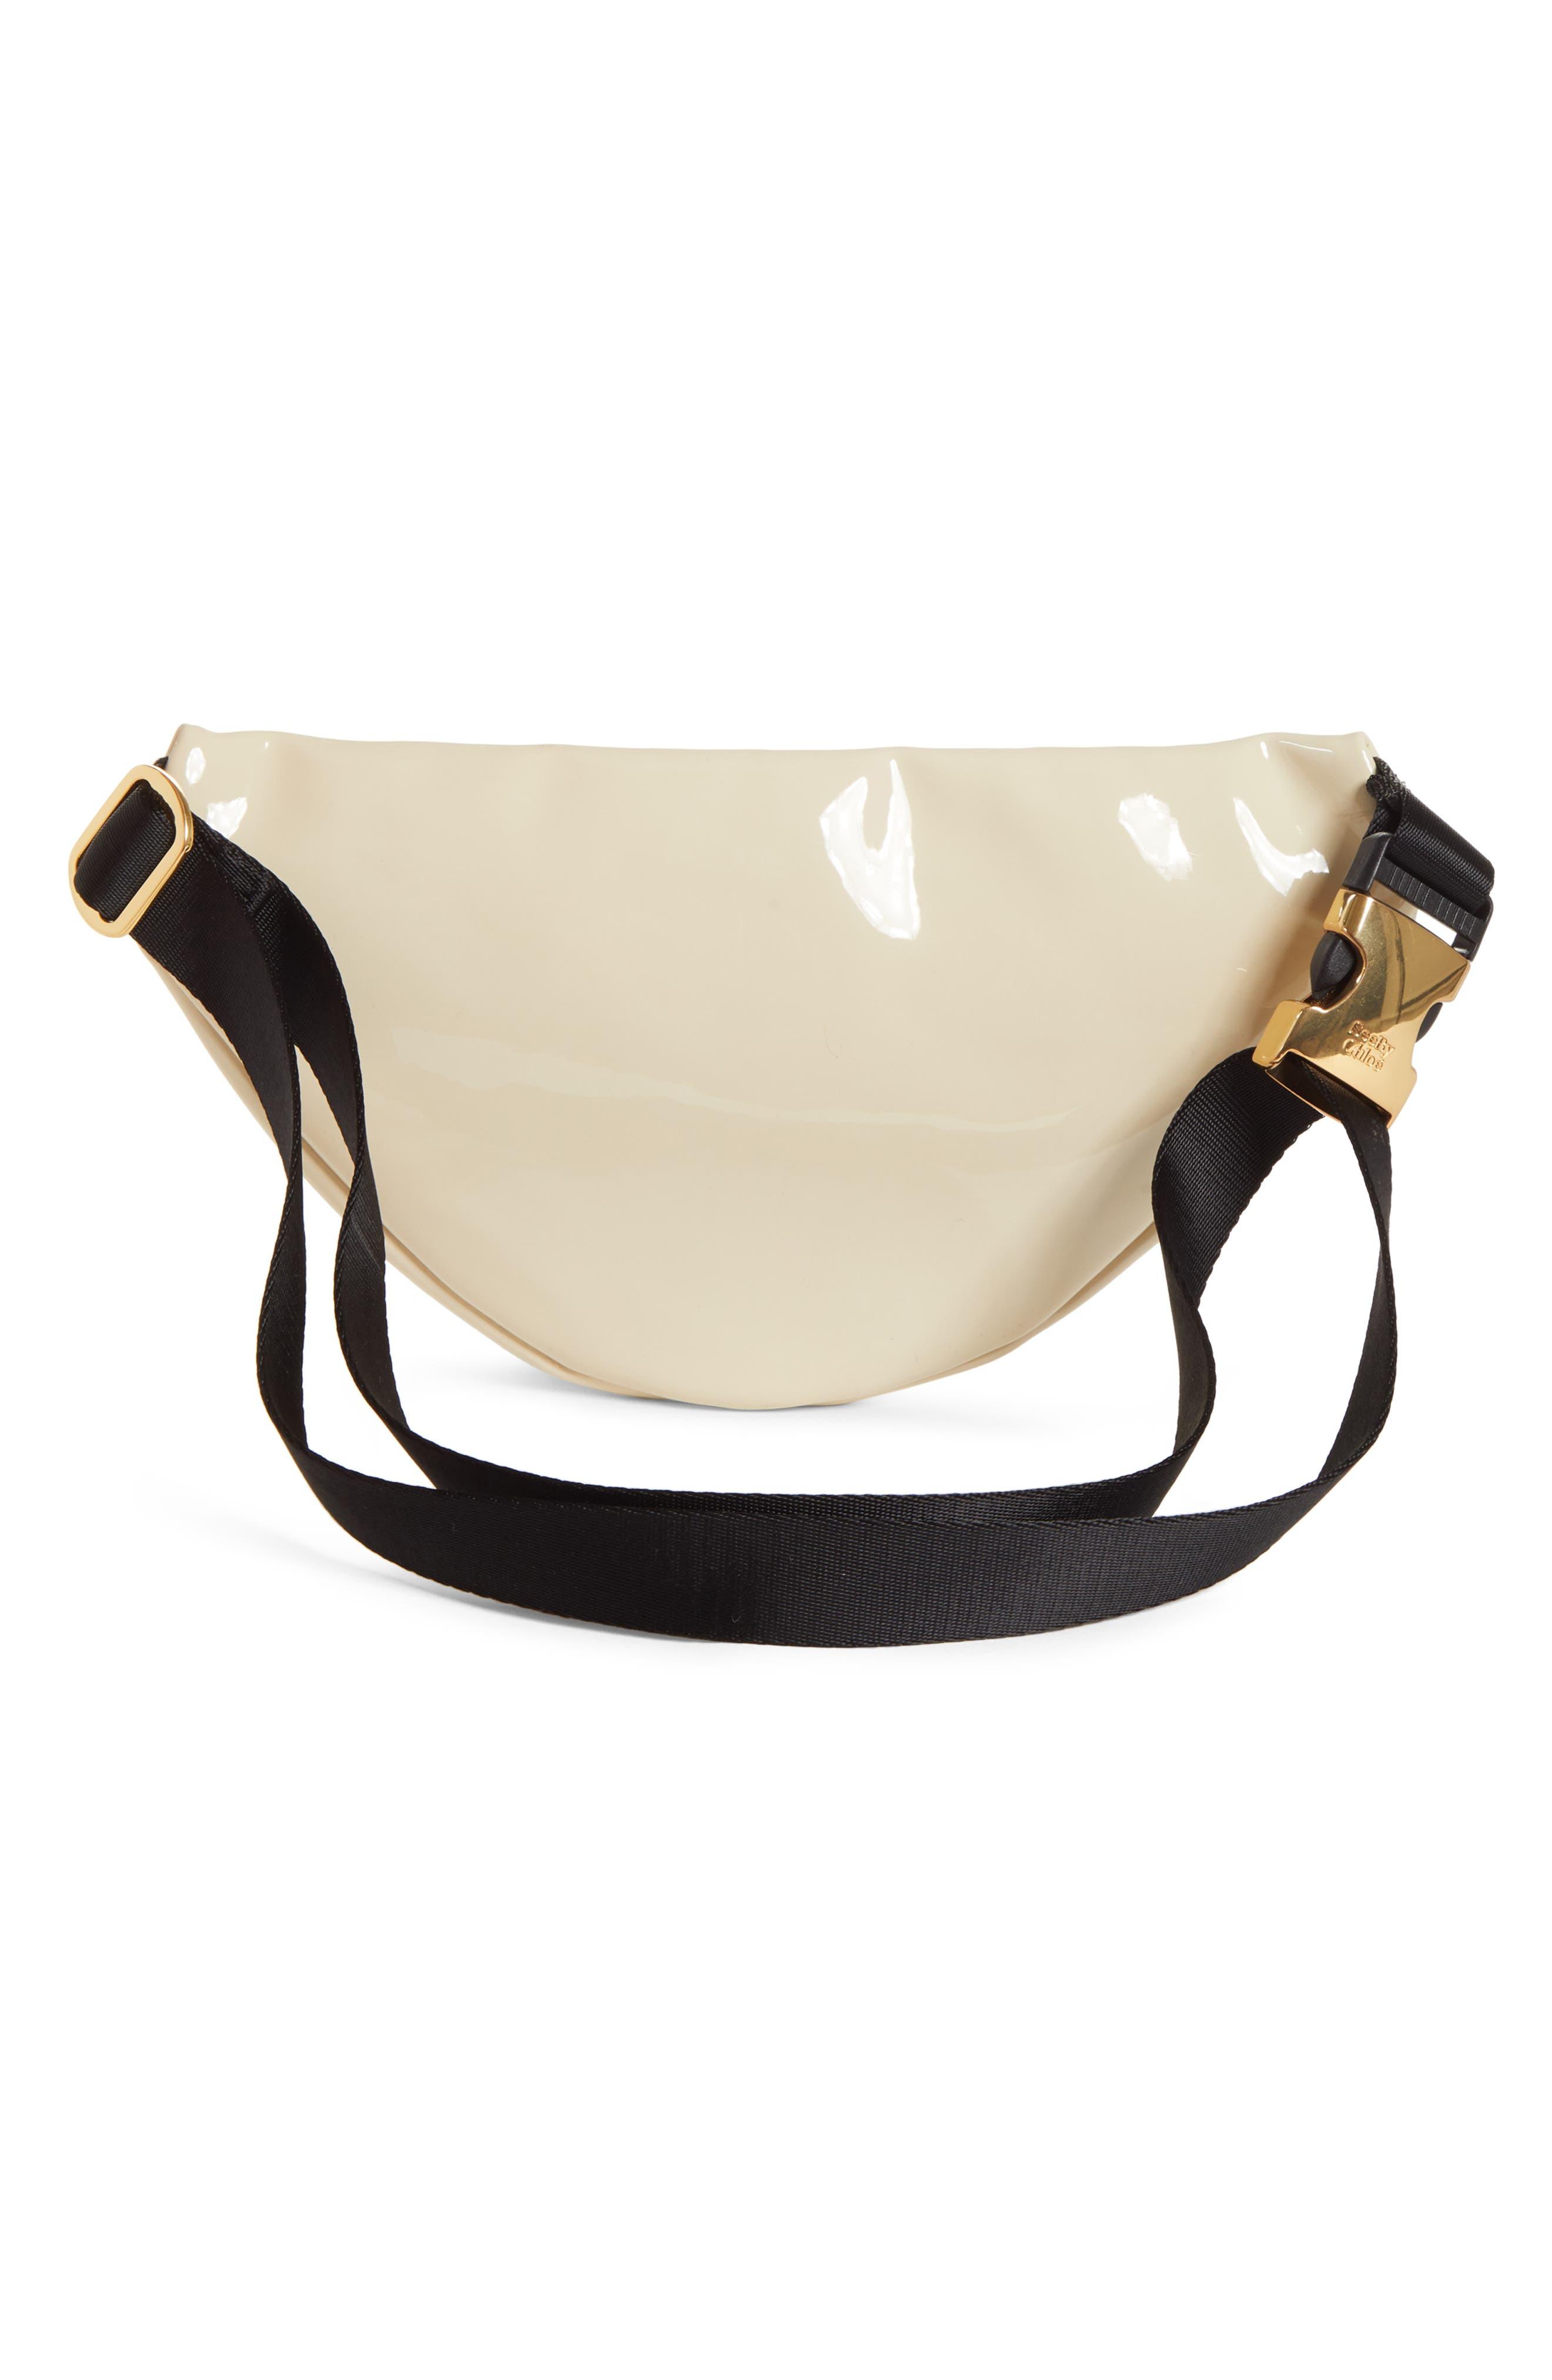 Mindy Patent Faux Leather Belt Bag,                             Alternate thumbnail 3, color,                             CEMENT BEIGE